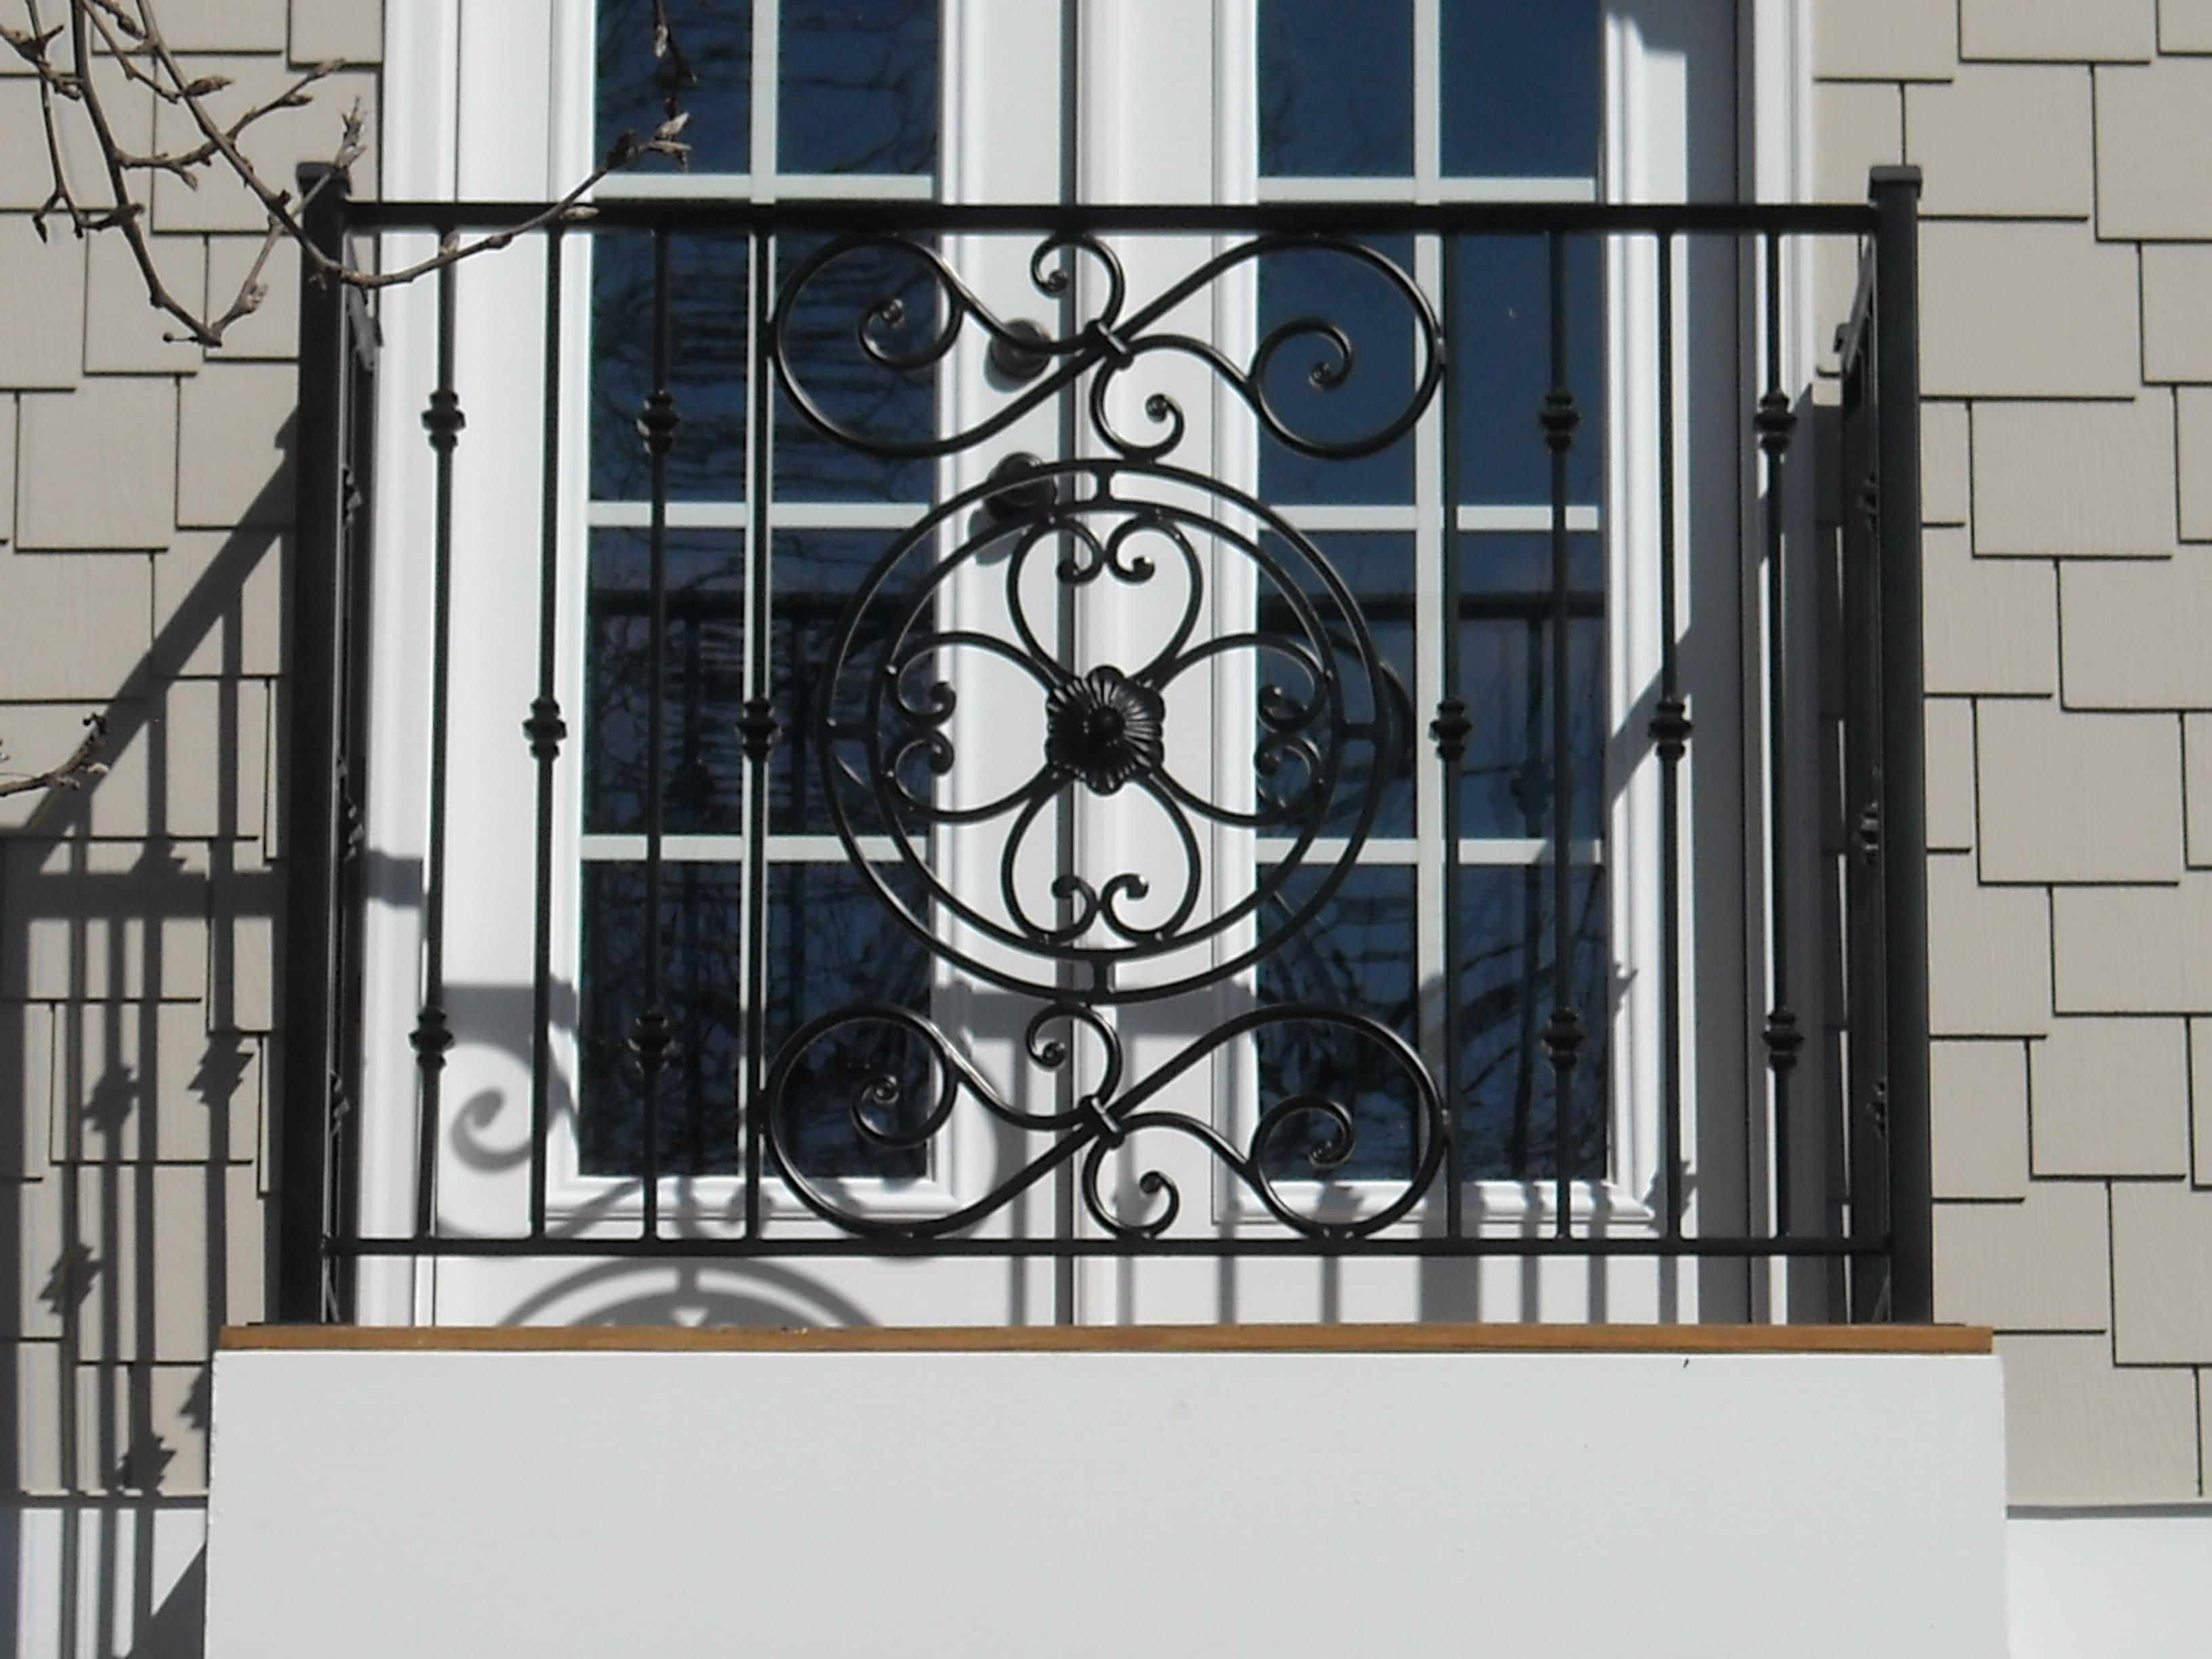 Railing balcony image